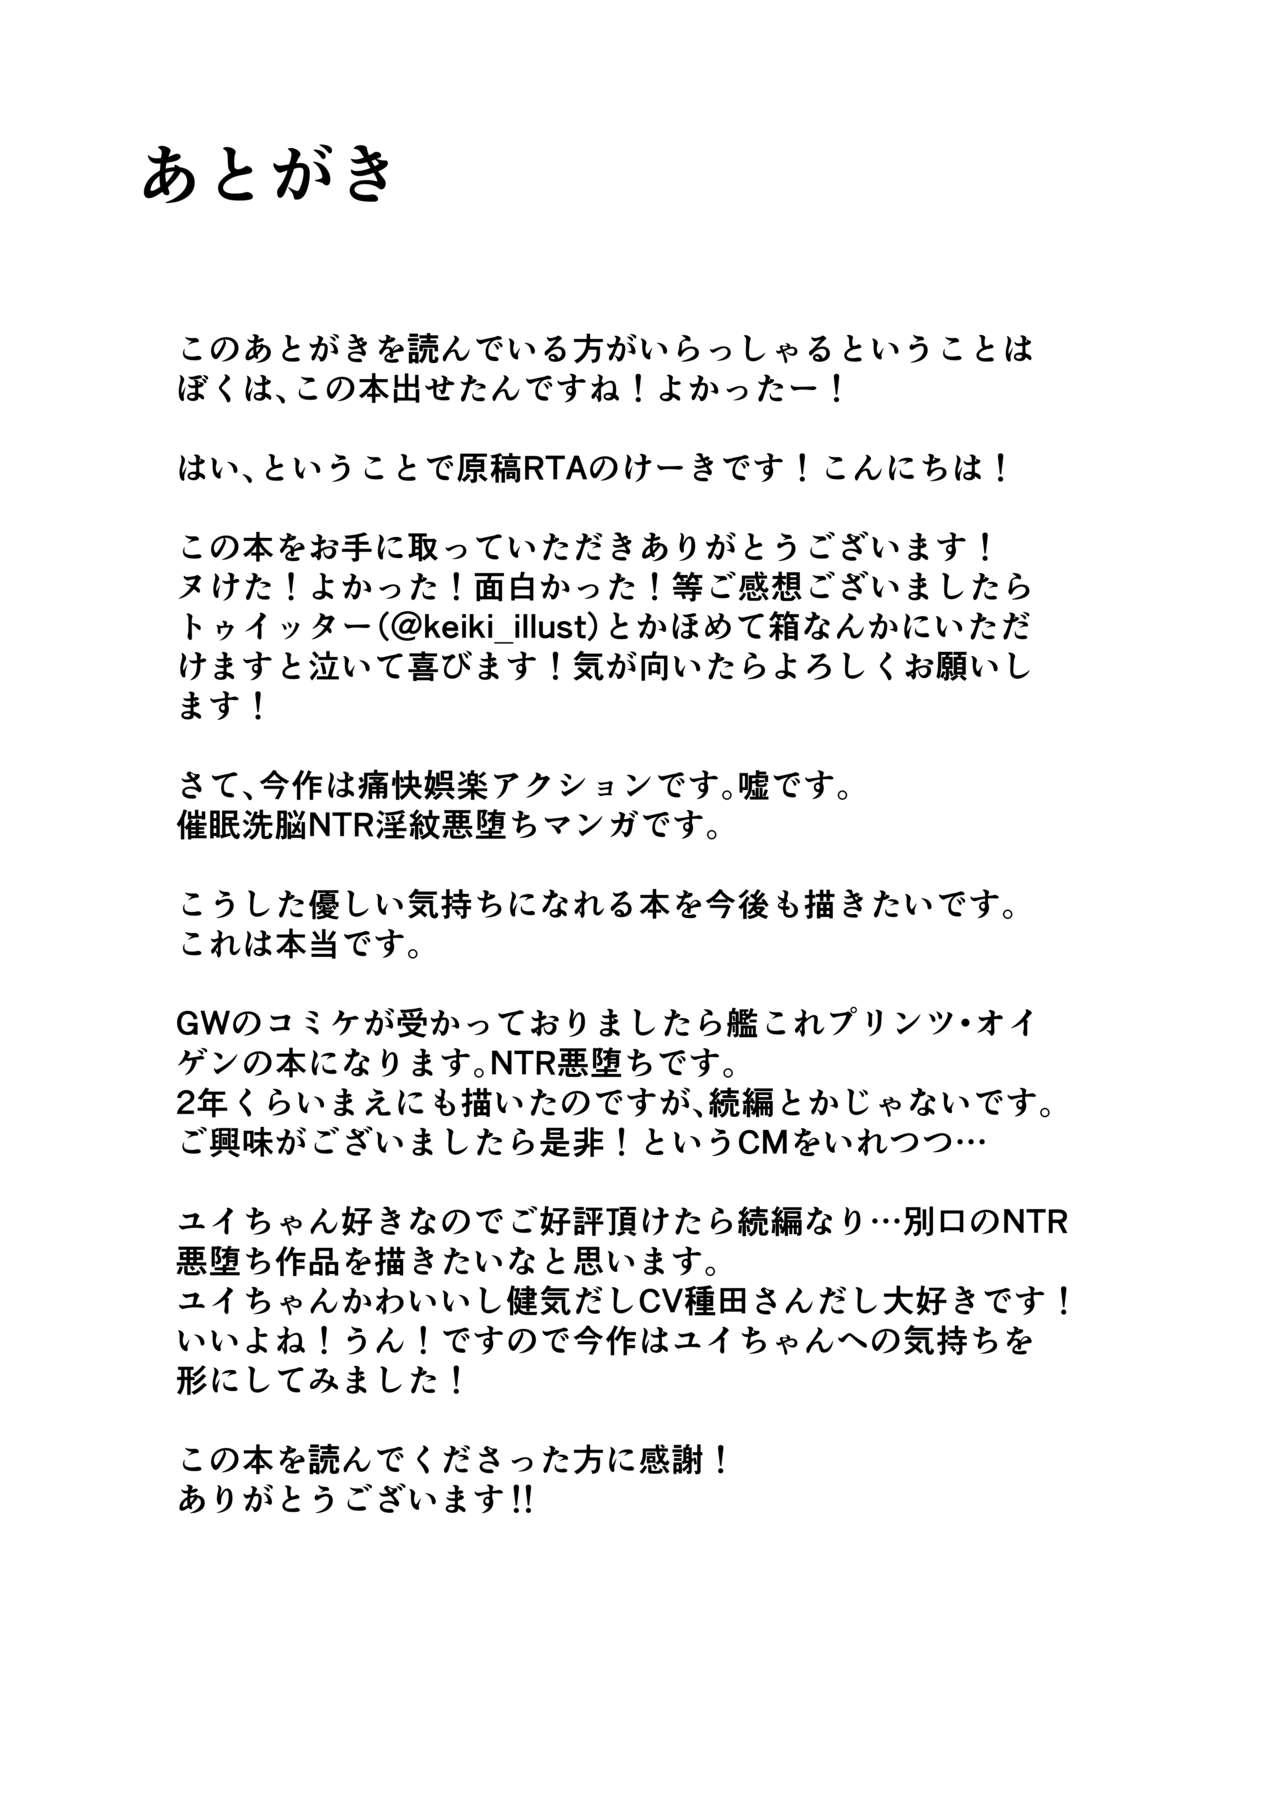 Yui no Akuochi NTR Nikki 19